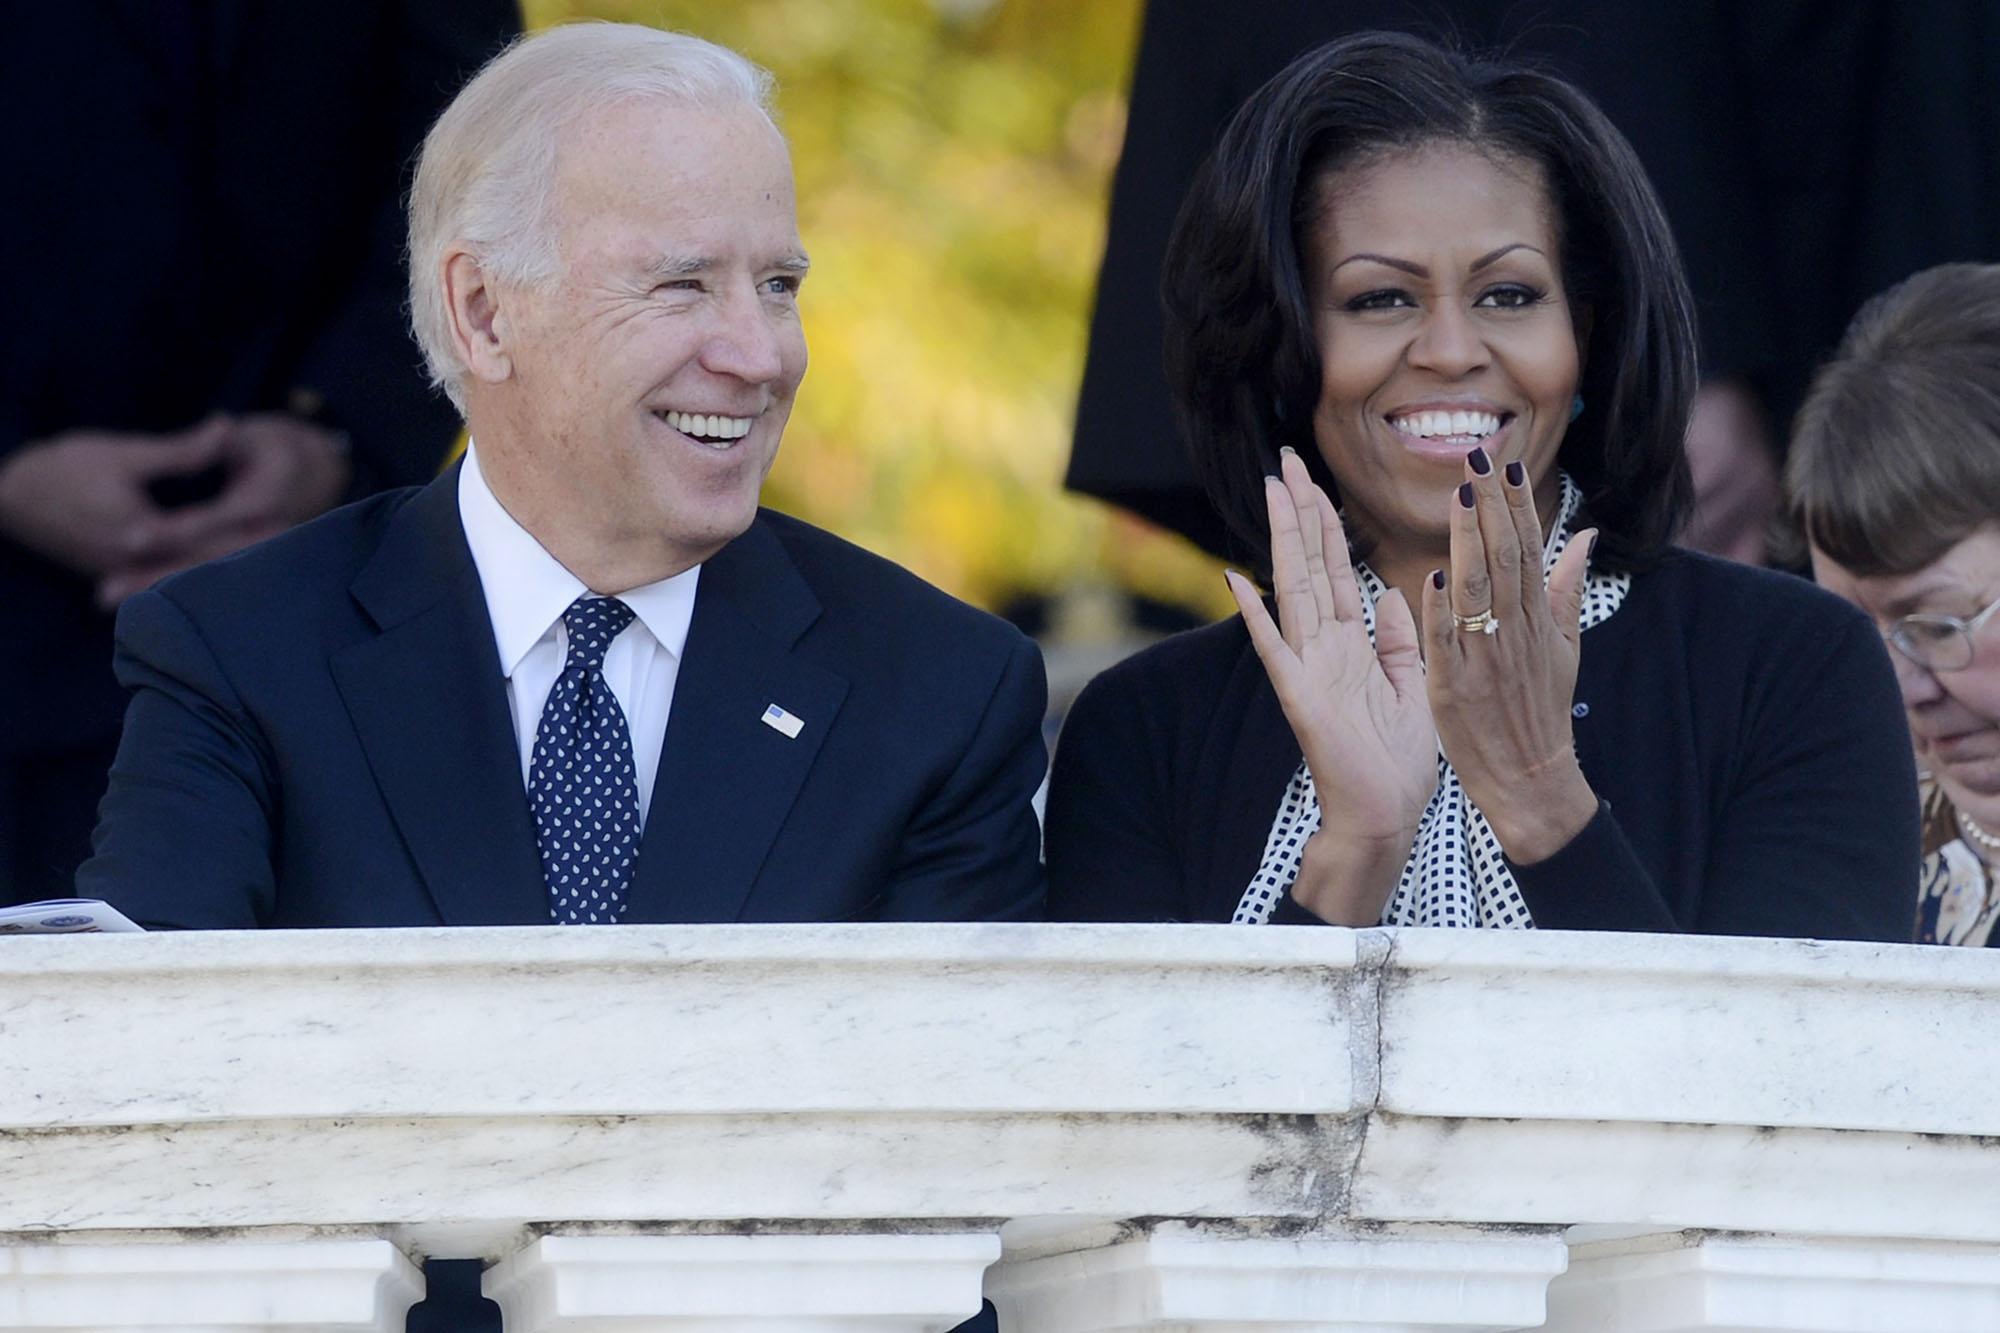 Michelle Obama in talks to endorse Joe Biden's 2020 campaign